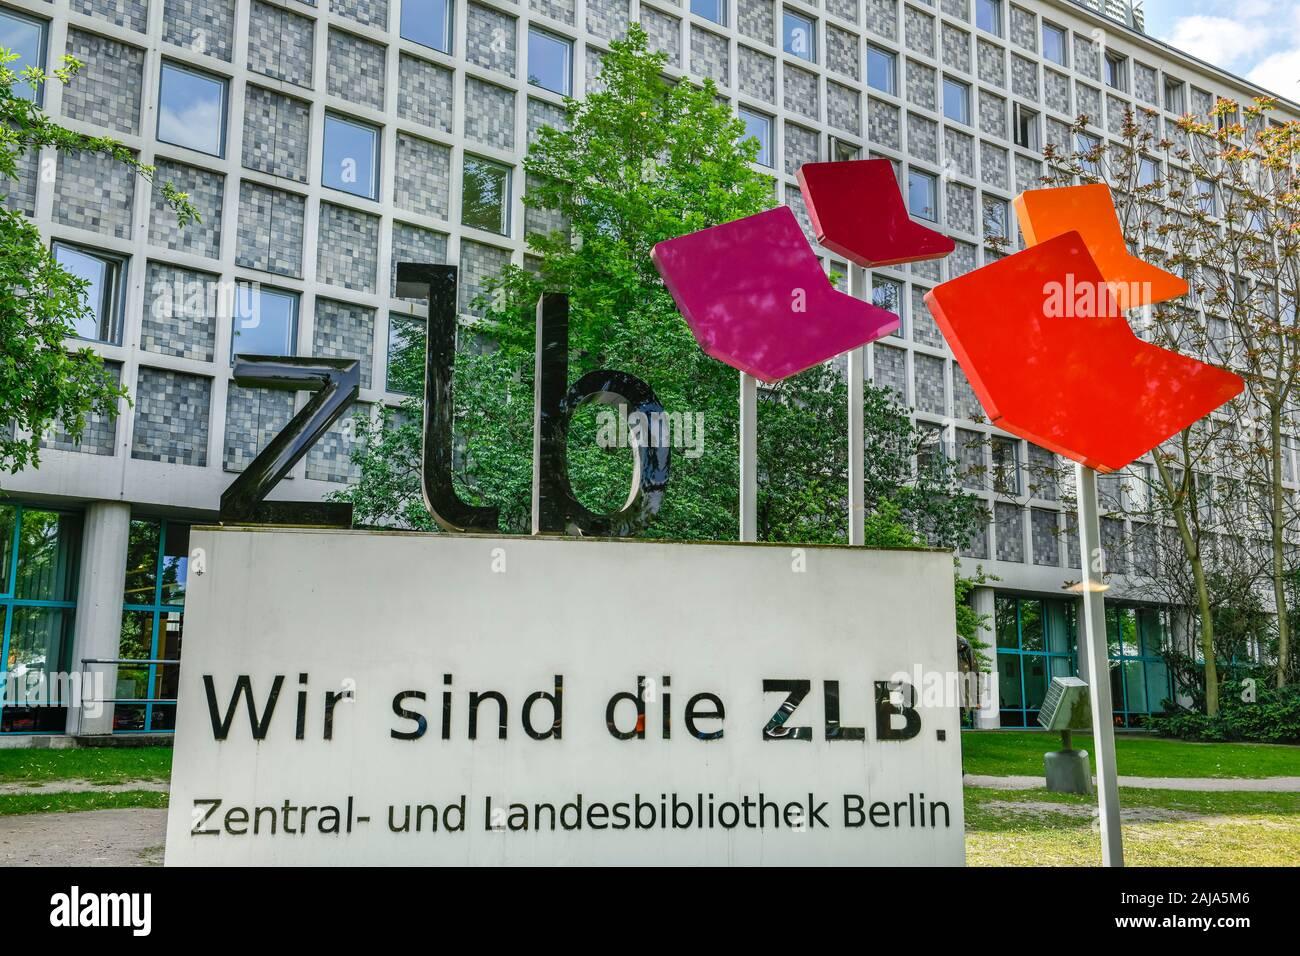 Zentral- und Landesbibliothek, Amerika Gedenkbibliothek, Blücherplatz, Kreuzberg, Berlin, Deutschland Stock Photo